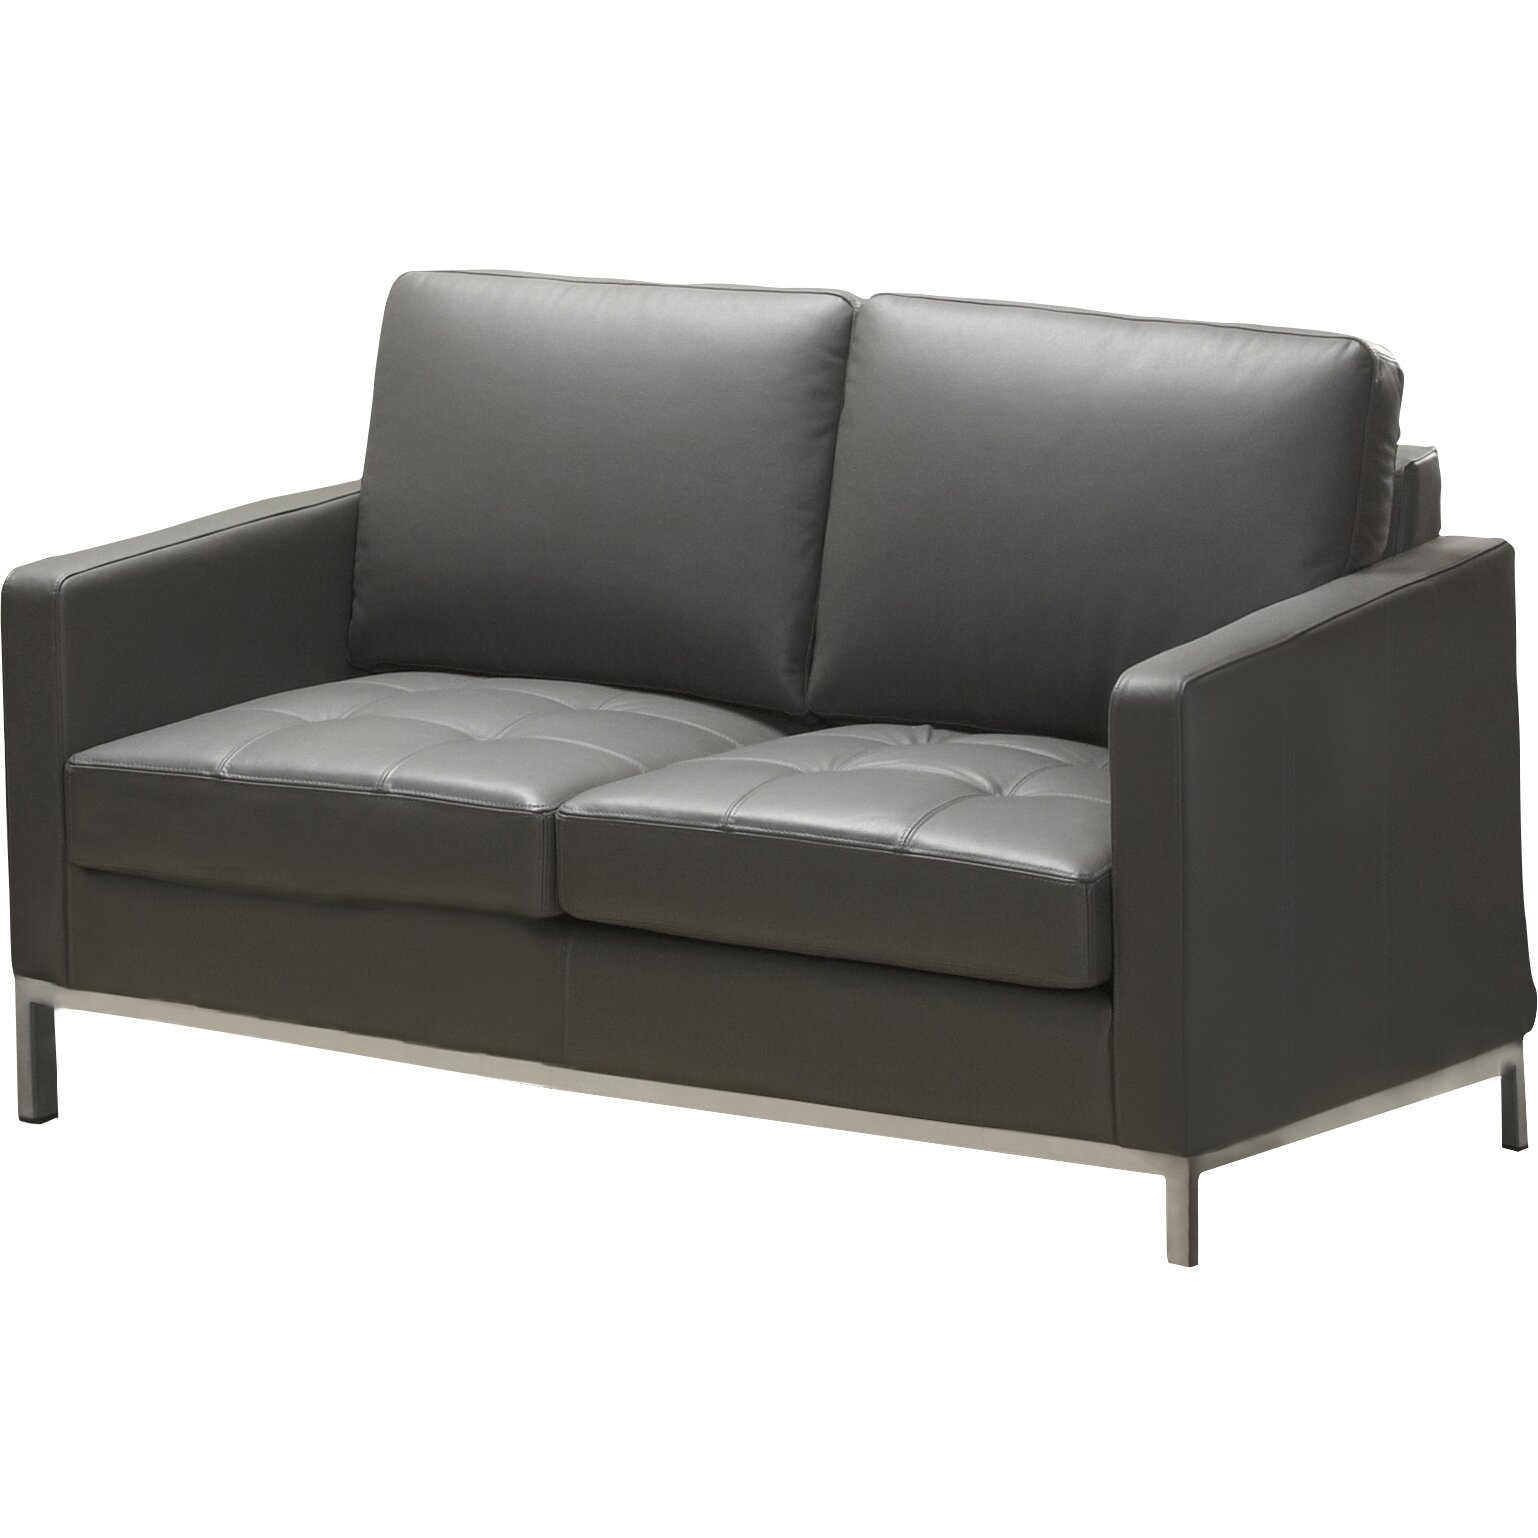 Lind Furniture Regency Top Grain Leather Loveseat Reviews